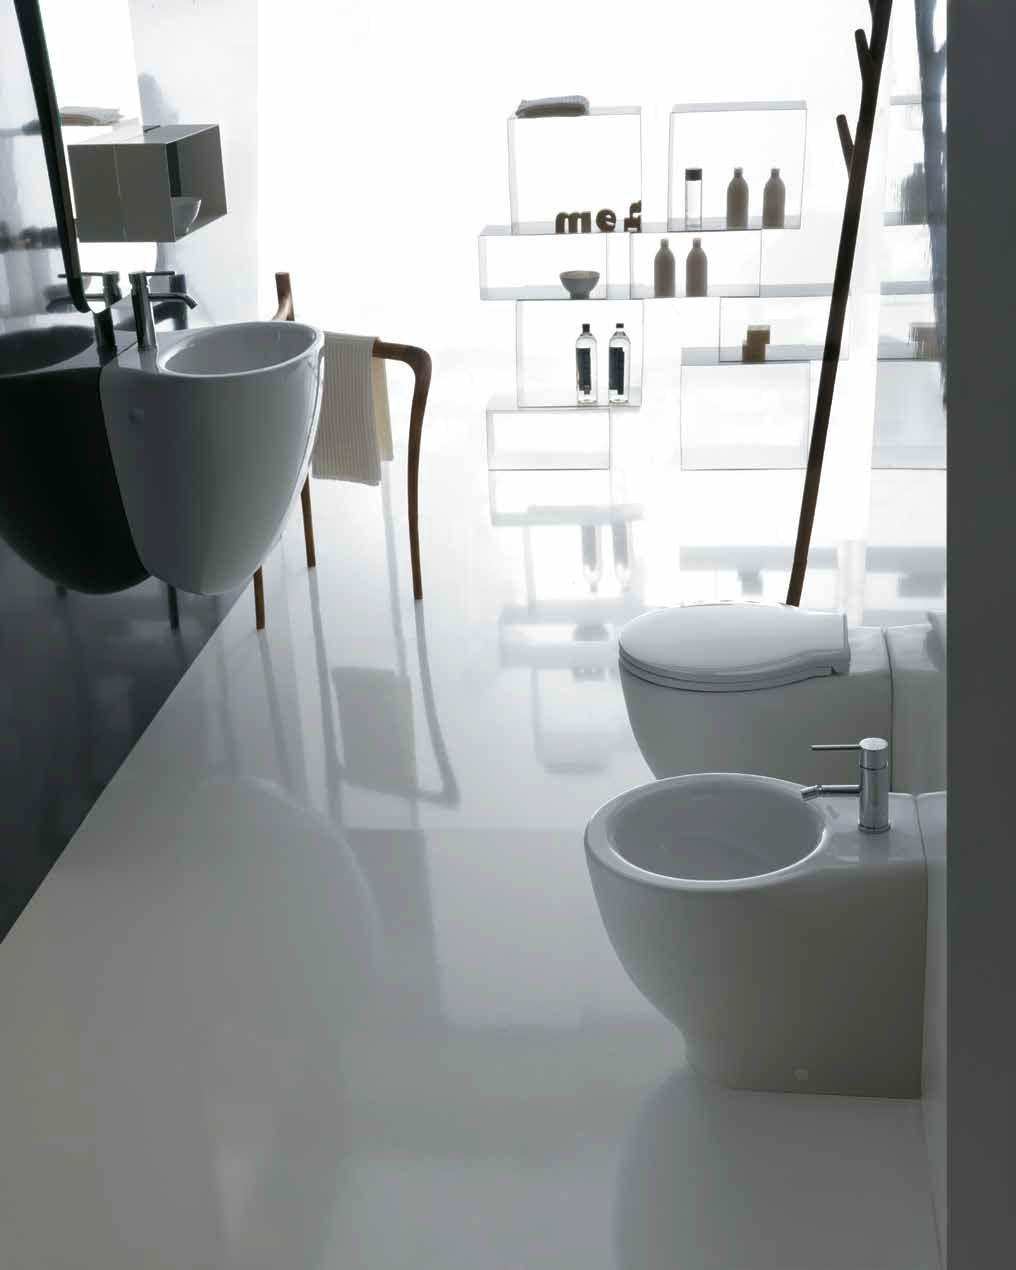 Сидение с крышкой Galassia Ergo 7115 SoftClose, белый